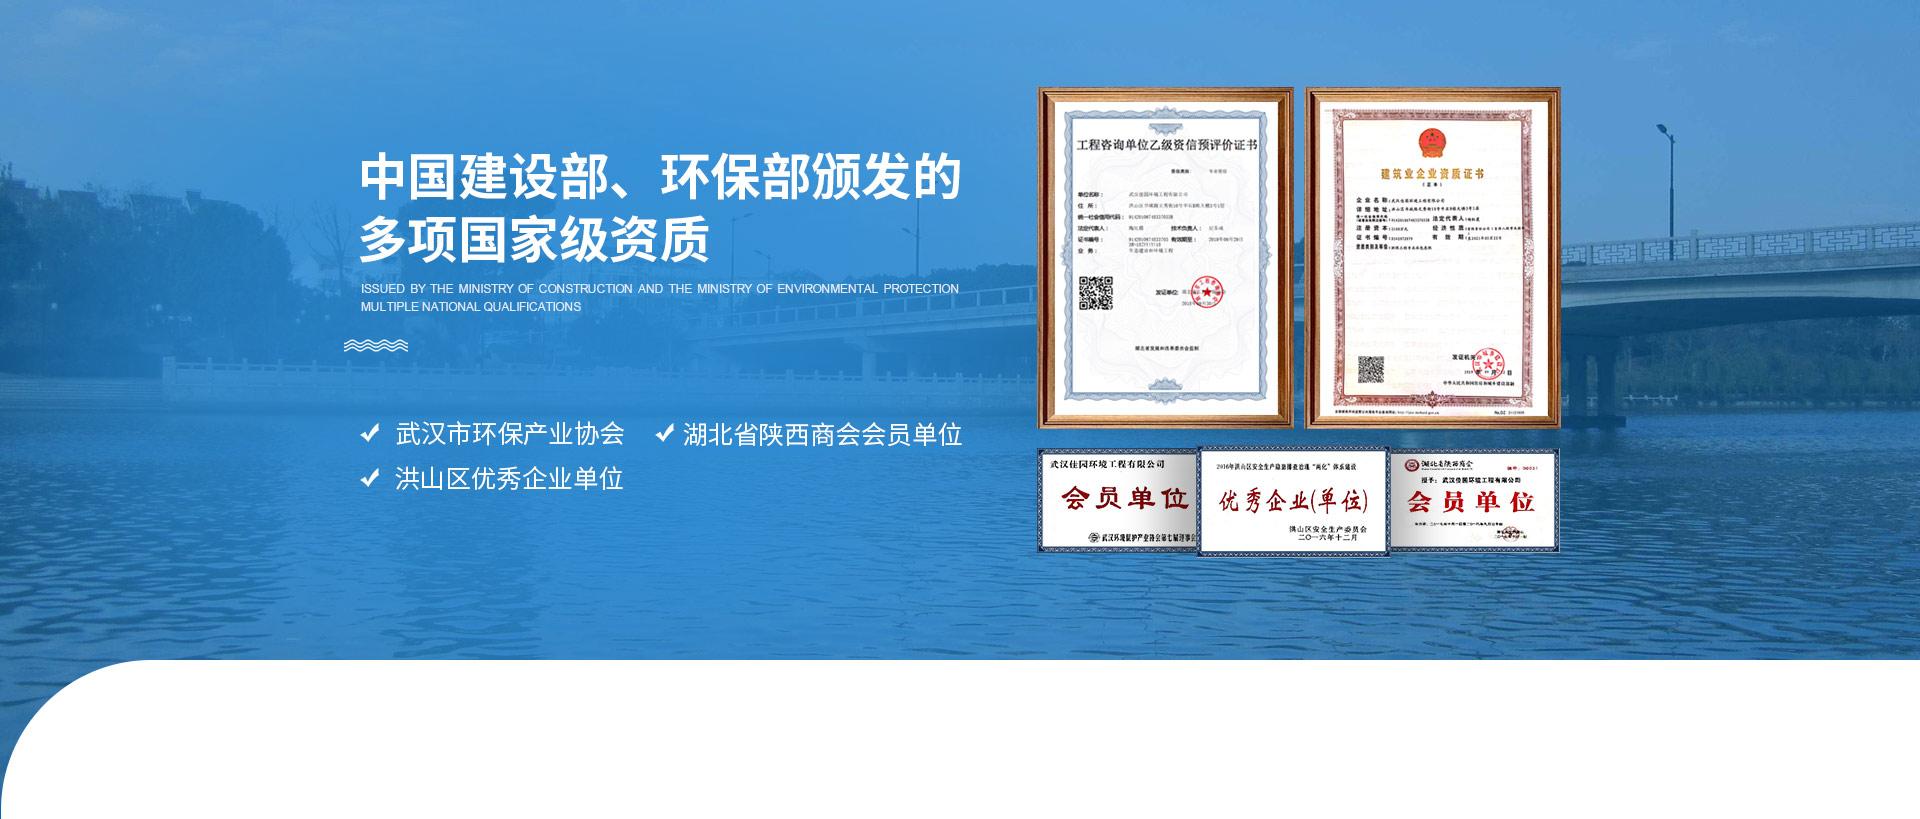 中國建設部、環保部頒發的多項國家資質